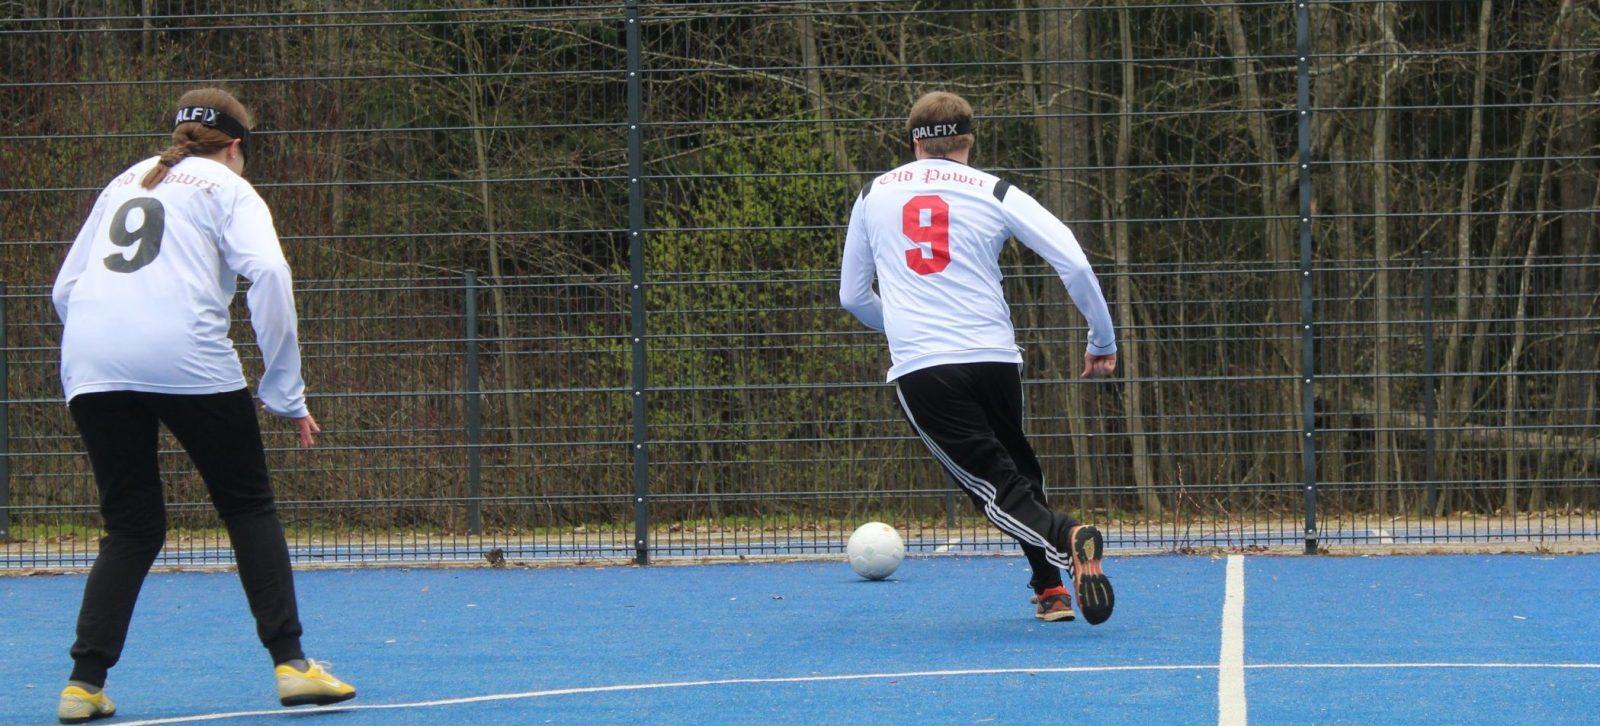 Pelitilannekuva jossa valkopaitainen mies juoksee laitaan potkaistun pallon perässä. Etualalla valkopaitainen nainen seisoo keskikentällä valmiudessa.